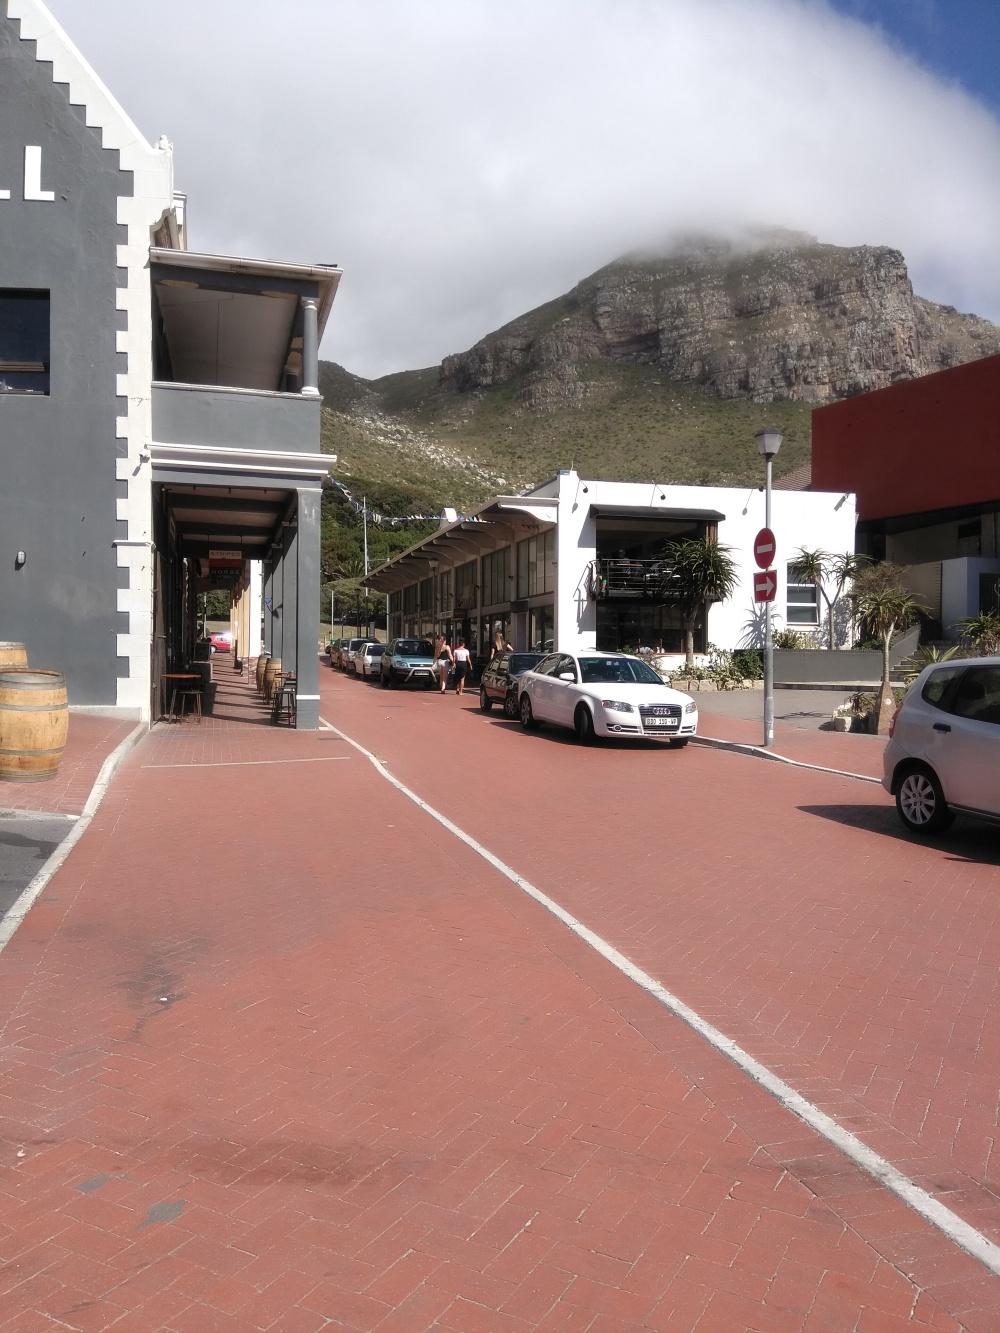 York road in Muizenberg